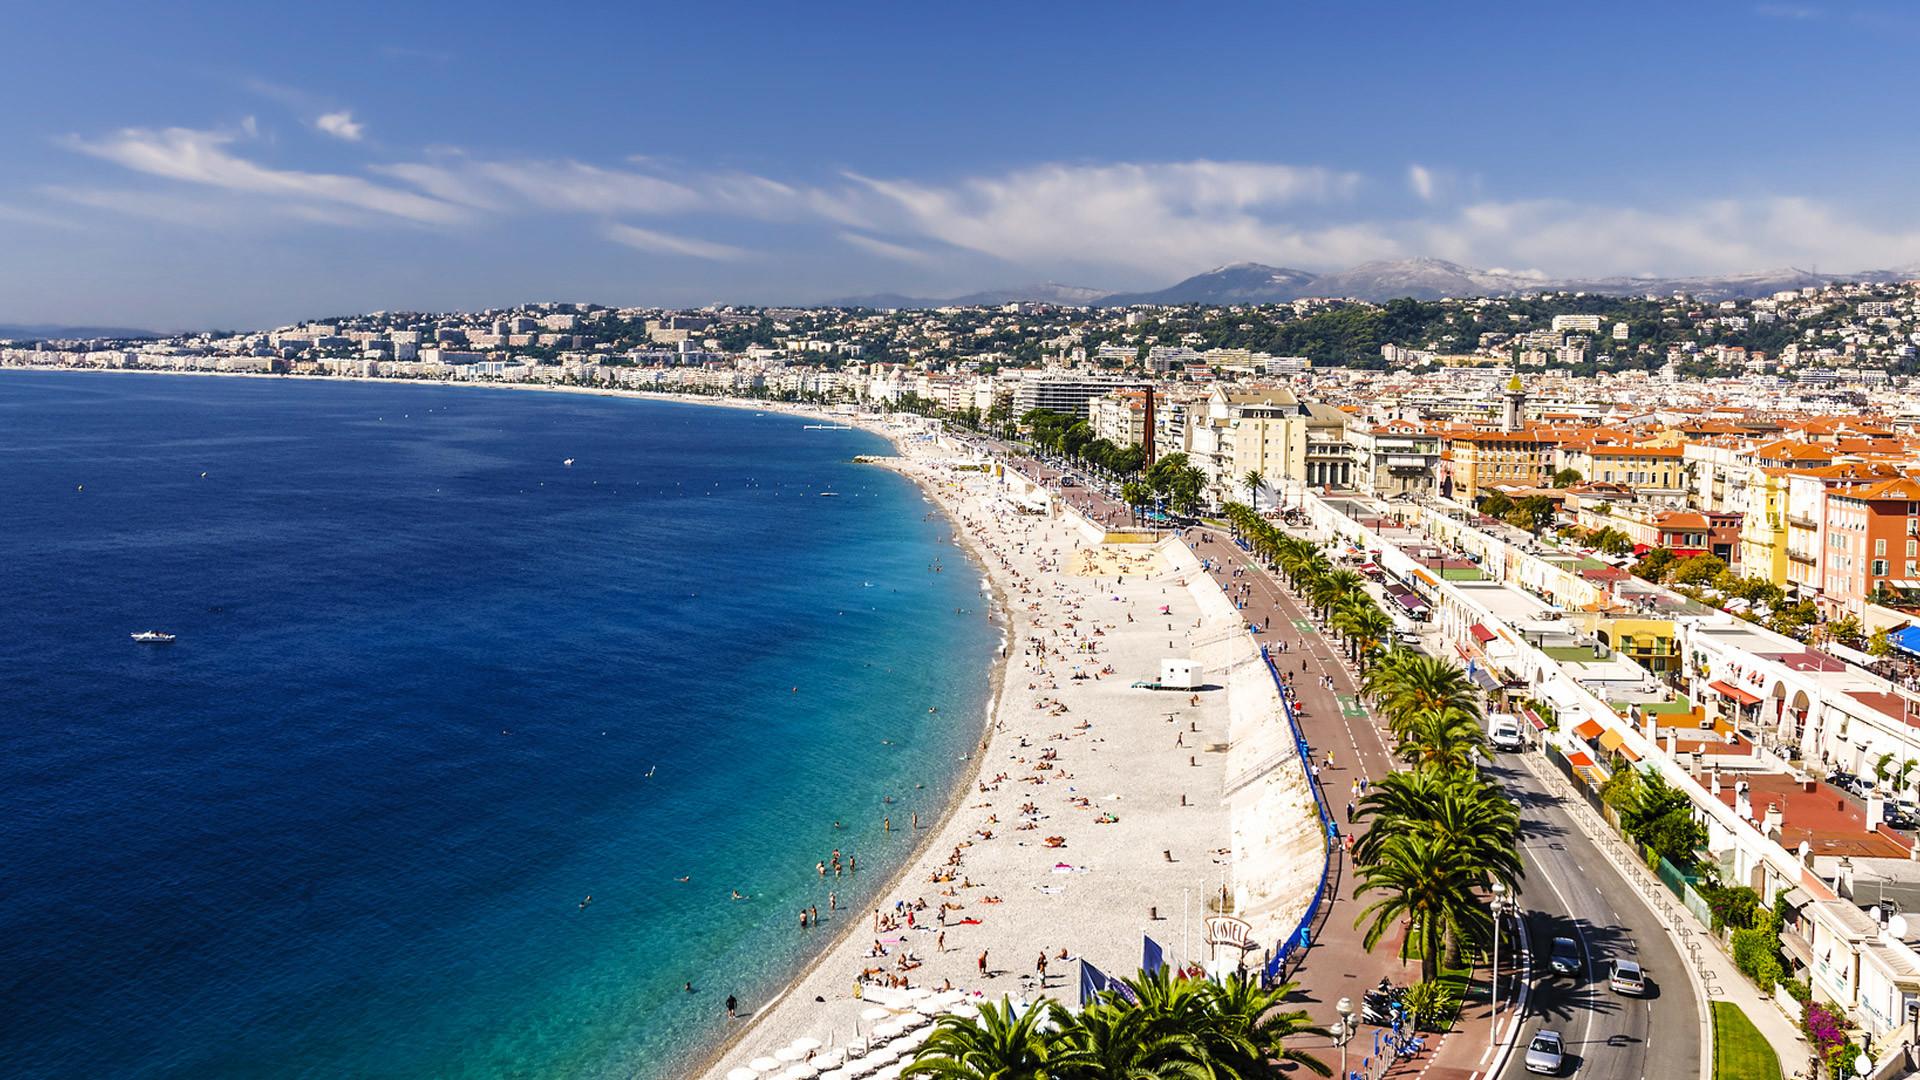 Doświadczenie Erasmus w Nicei, Francja, według Floriane